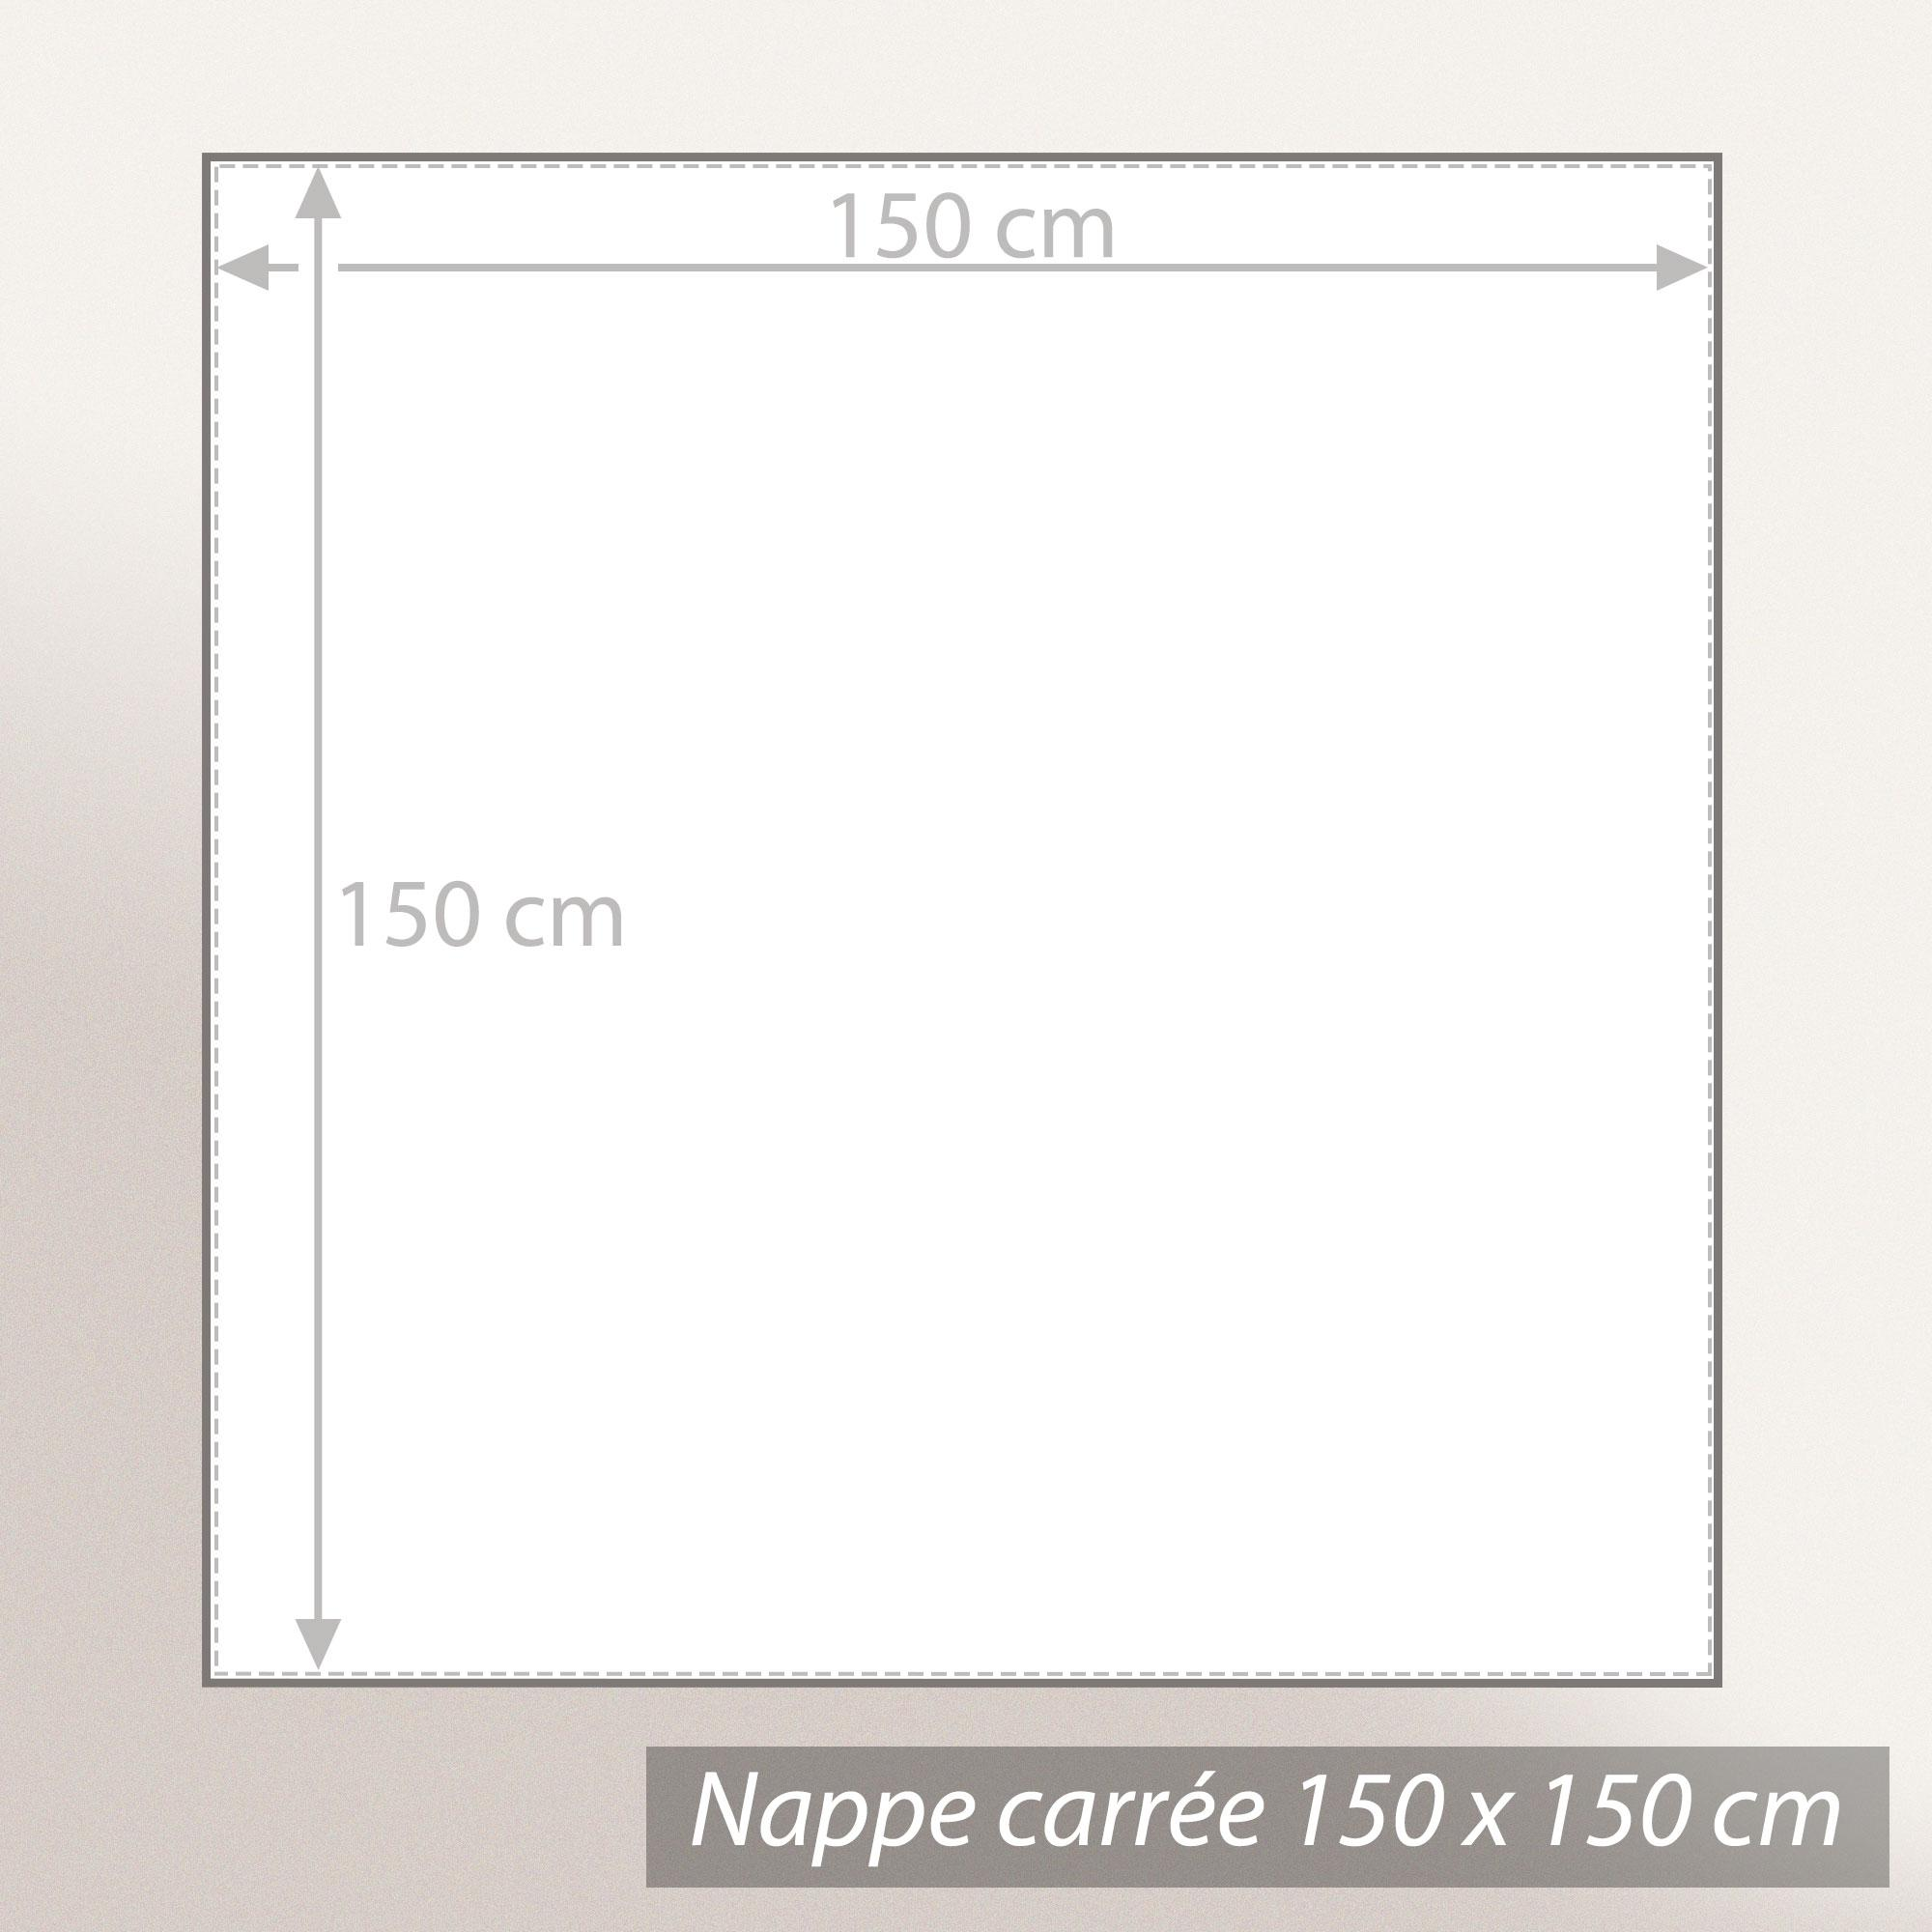 nappe carr e 150x150 cm jacquard 100 coton spirale taupe linnea linge de maison et. Black Bedroom Furniture Sets. Home Design Ideas